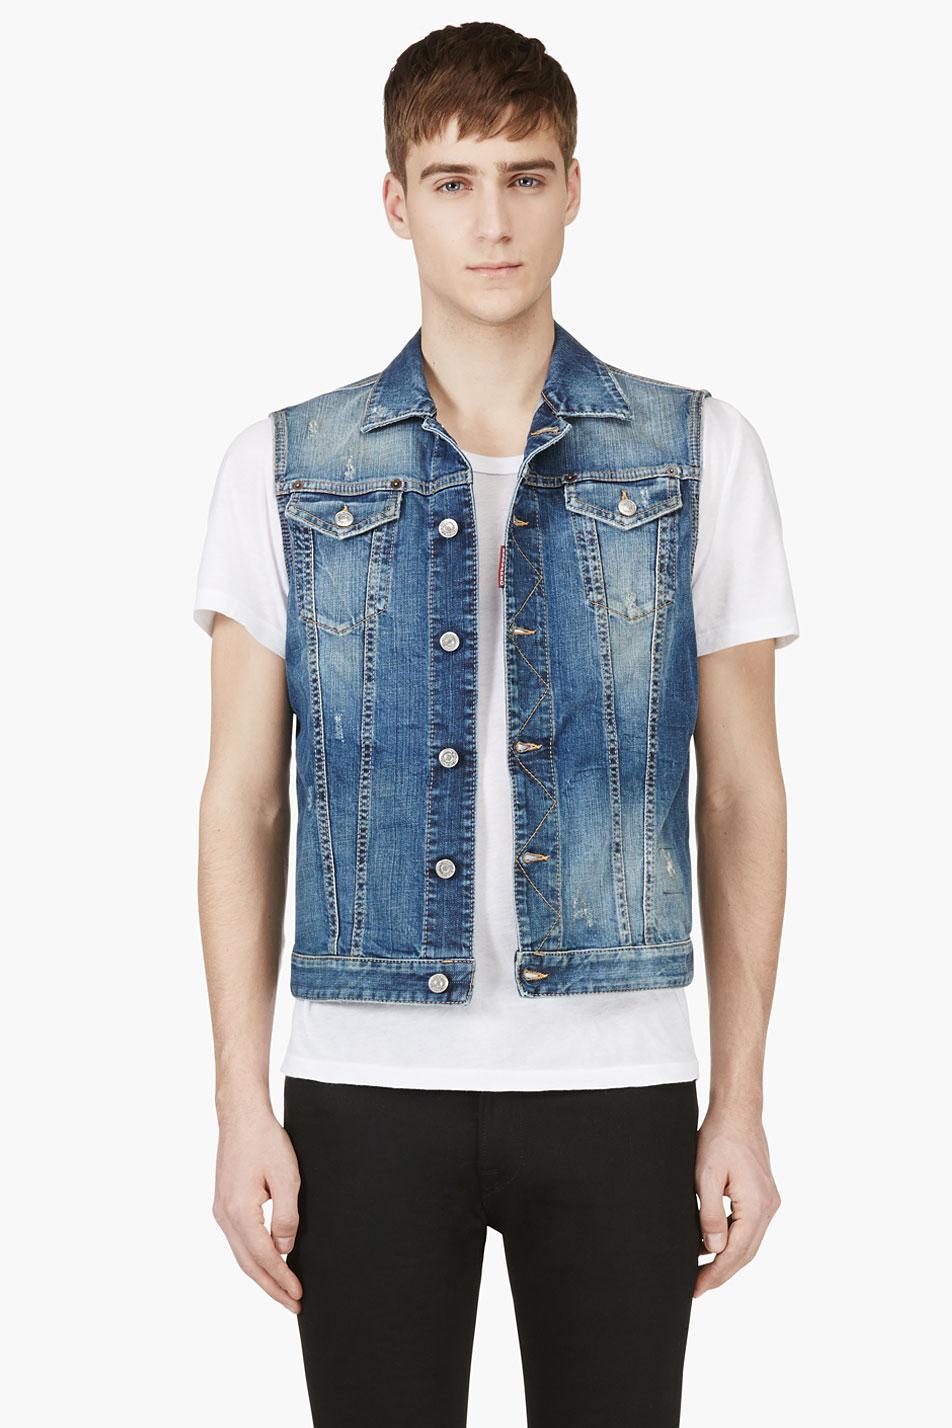 Denim vest mens fashion 12